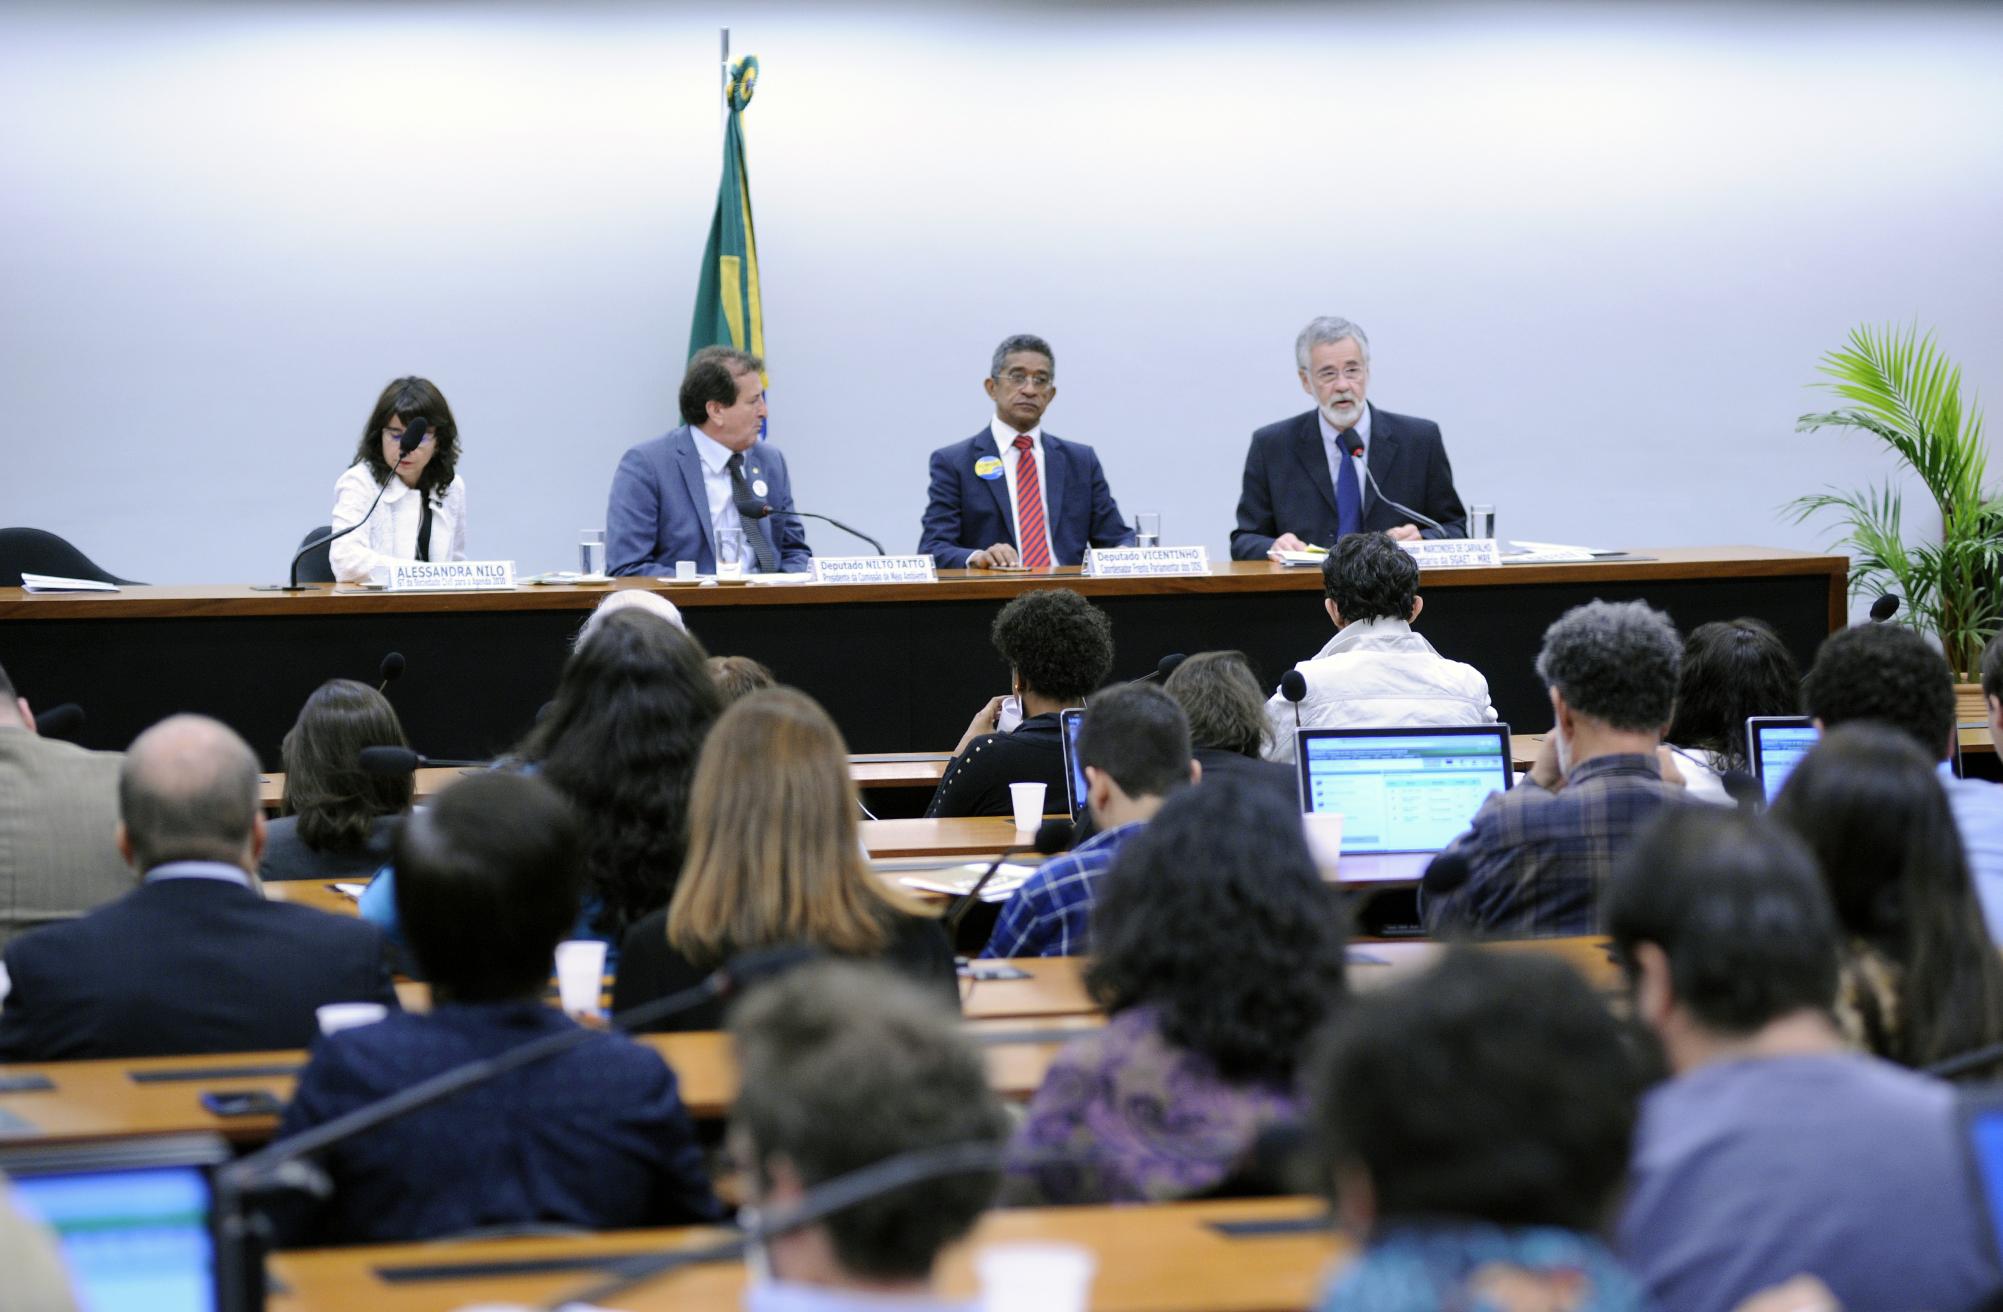 Seminário: Objetivos de Desenvolvimento Sustentável - Avanços e Desafios na Implementação da Agenda 2030 no Brasil